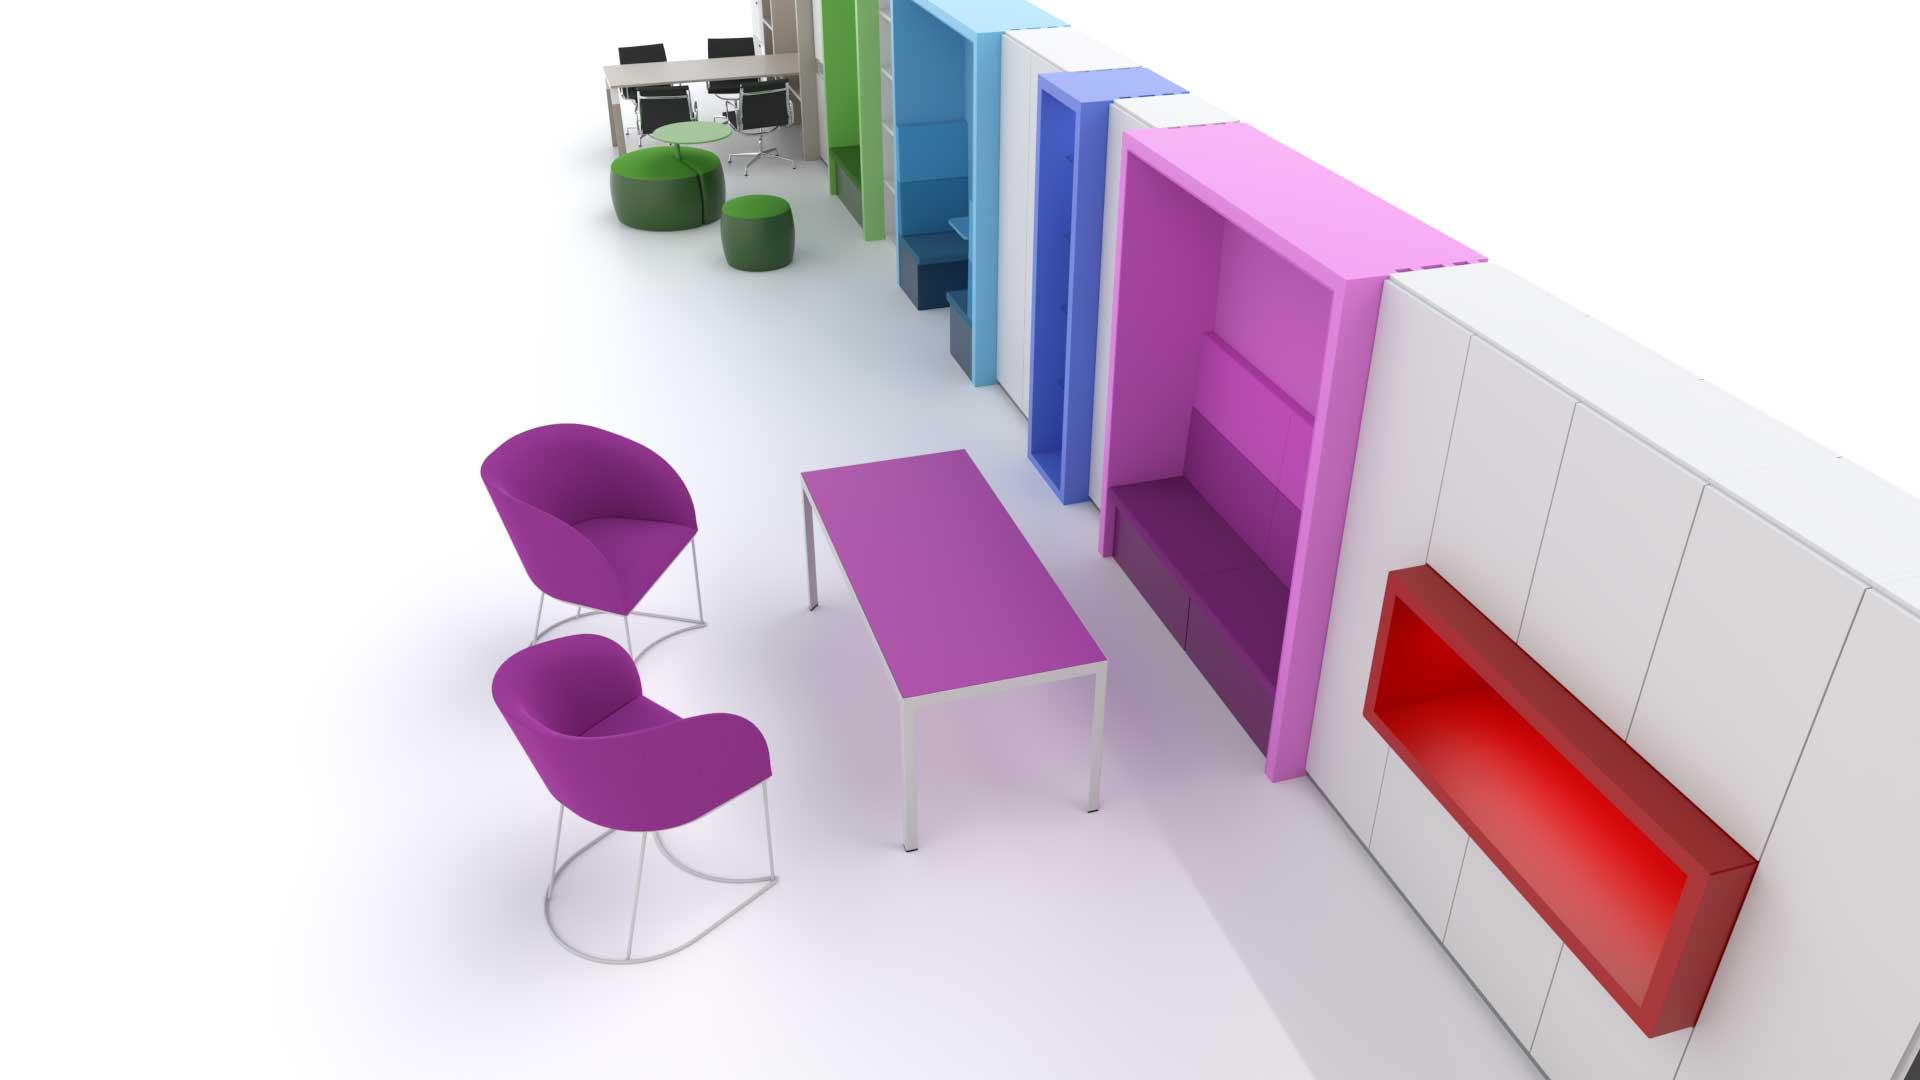 Evoluzione-delle-pareti-attrezzate-Ever-Evolving-System-Level-Office-Landscape